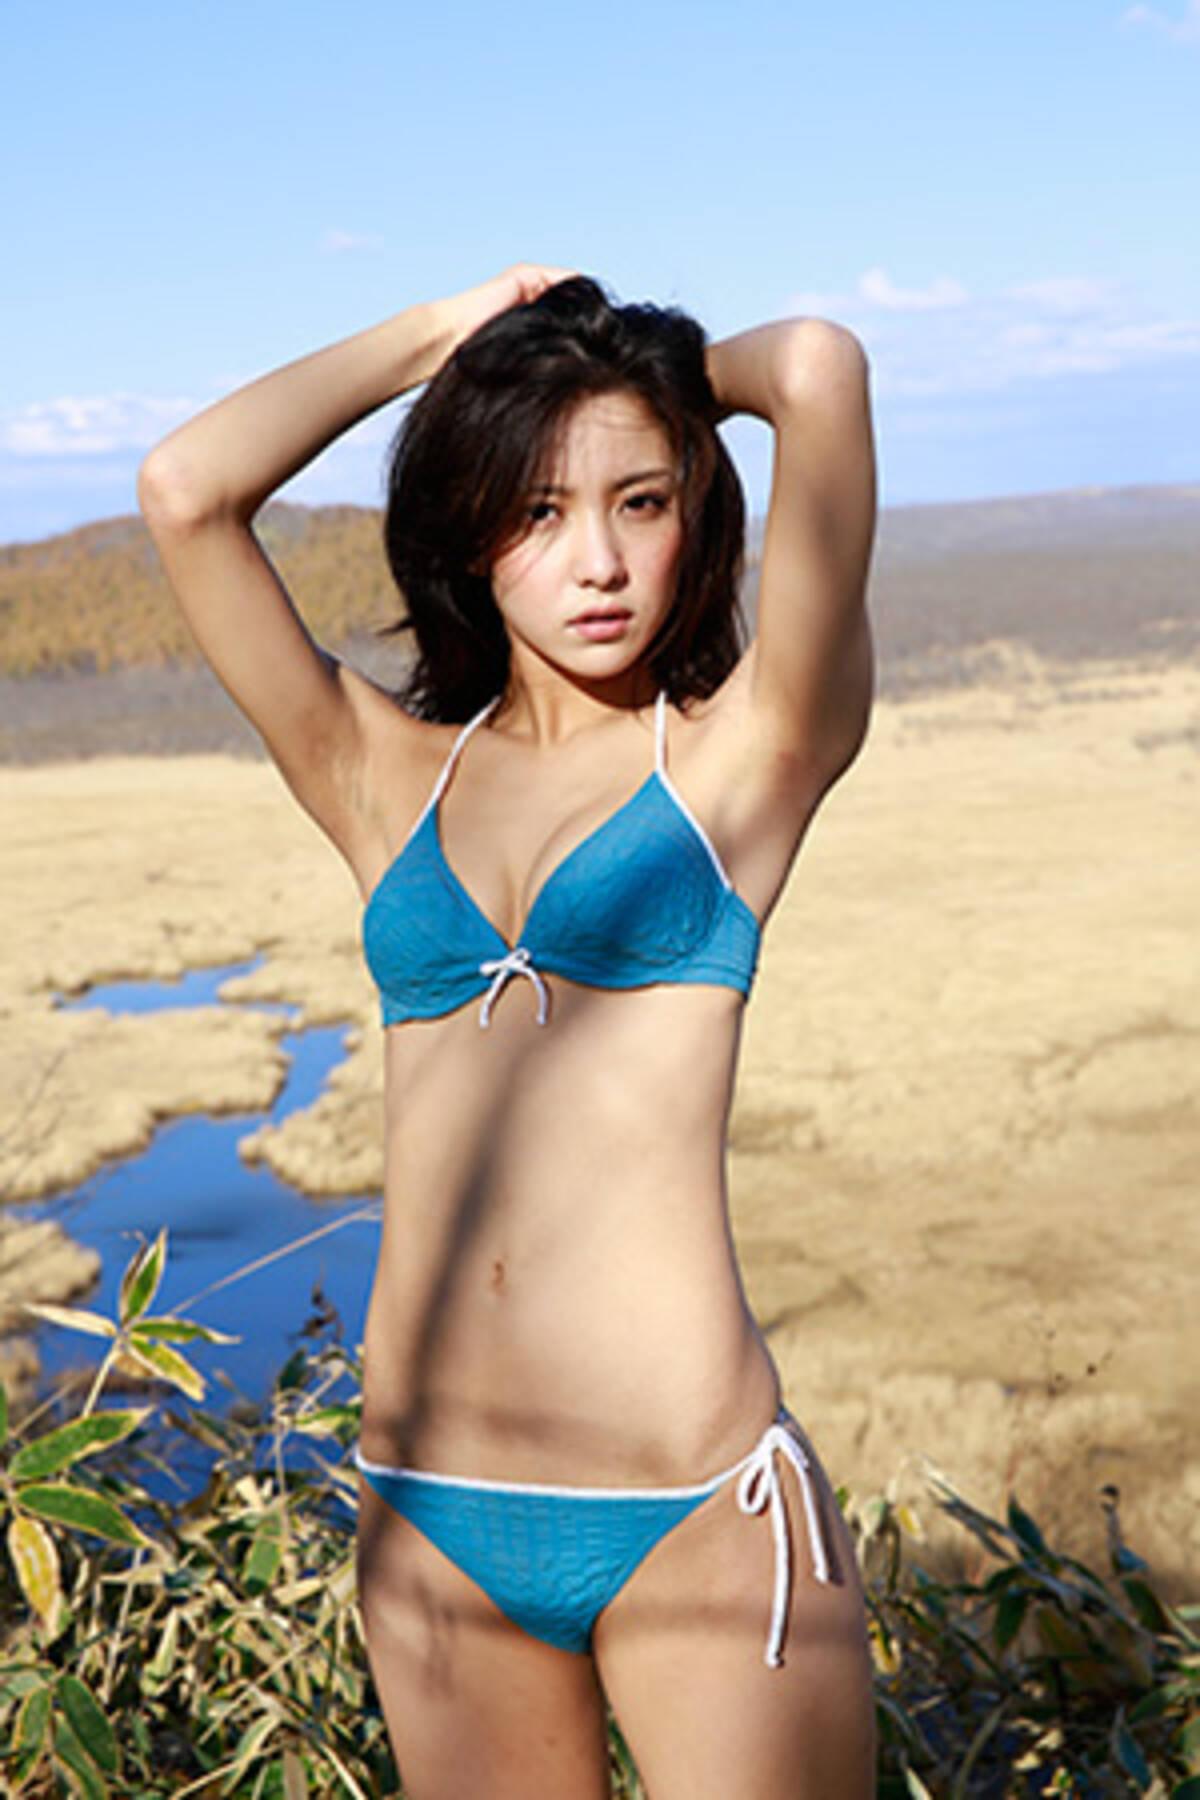 挫折しかけたギャルモデルが水着になって週プレの表紙を飾った話ーー石川恋、ビリギャルからの再生 (2015年12月2日) - エキサイトニュース